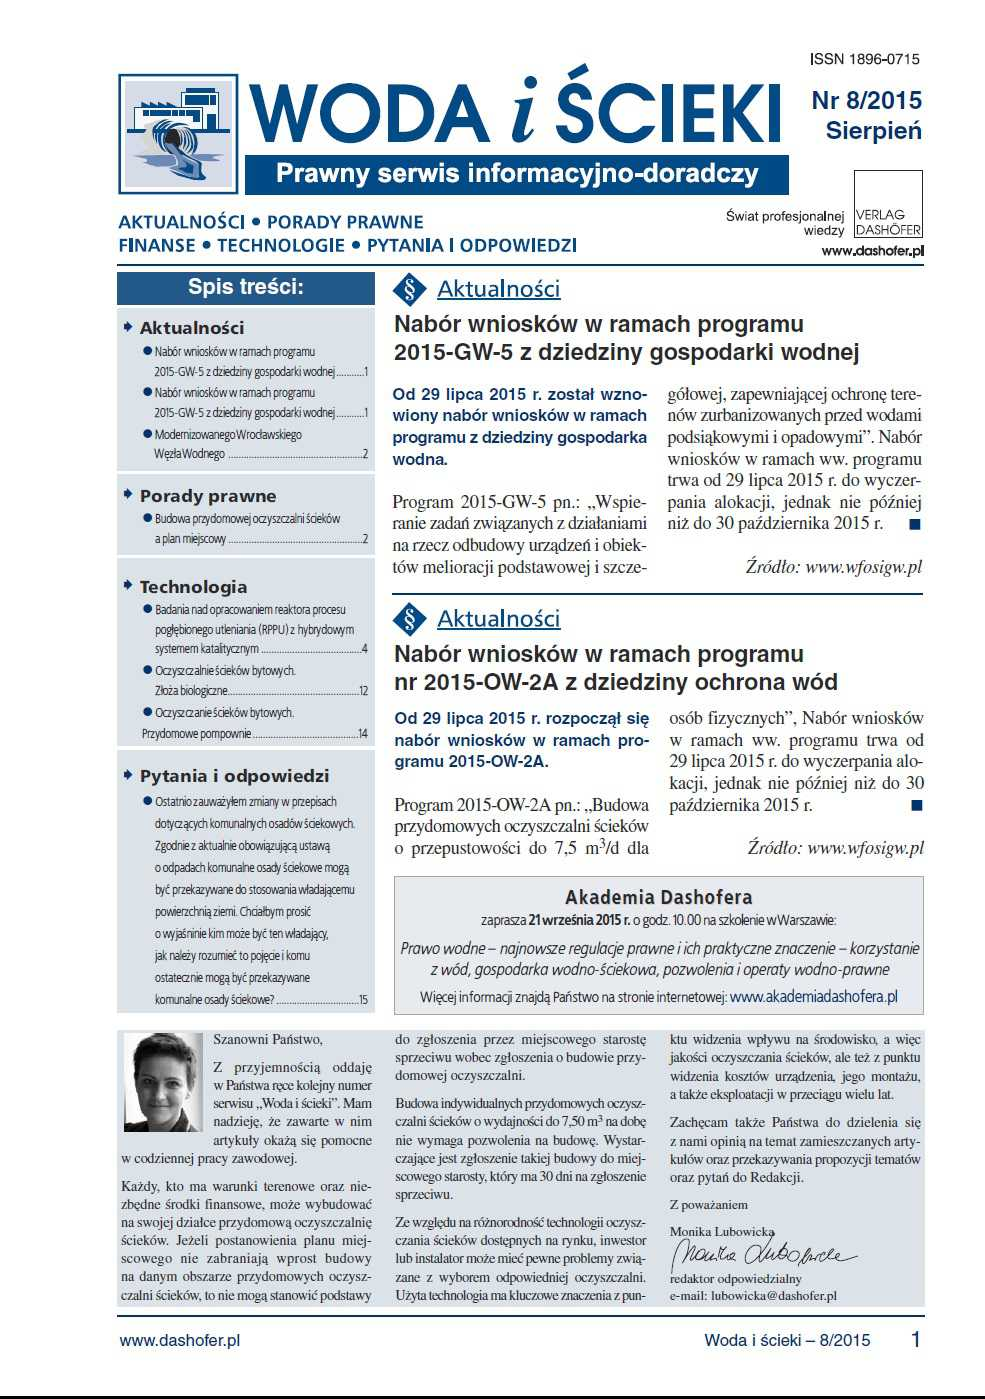 Woda i ścieki. Prawny serwis informacyjno-doradczy. Nr 8/2015 - Ebook (Książka PDF) do pobrania w formacie PDF